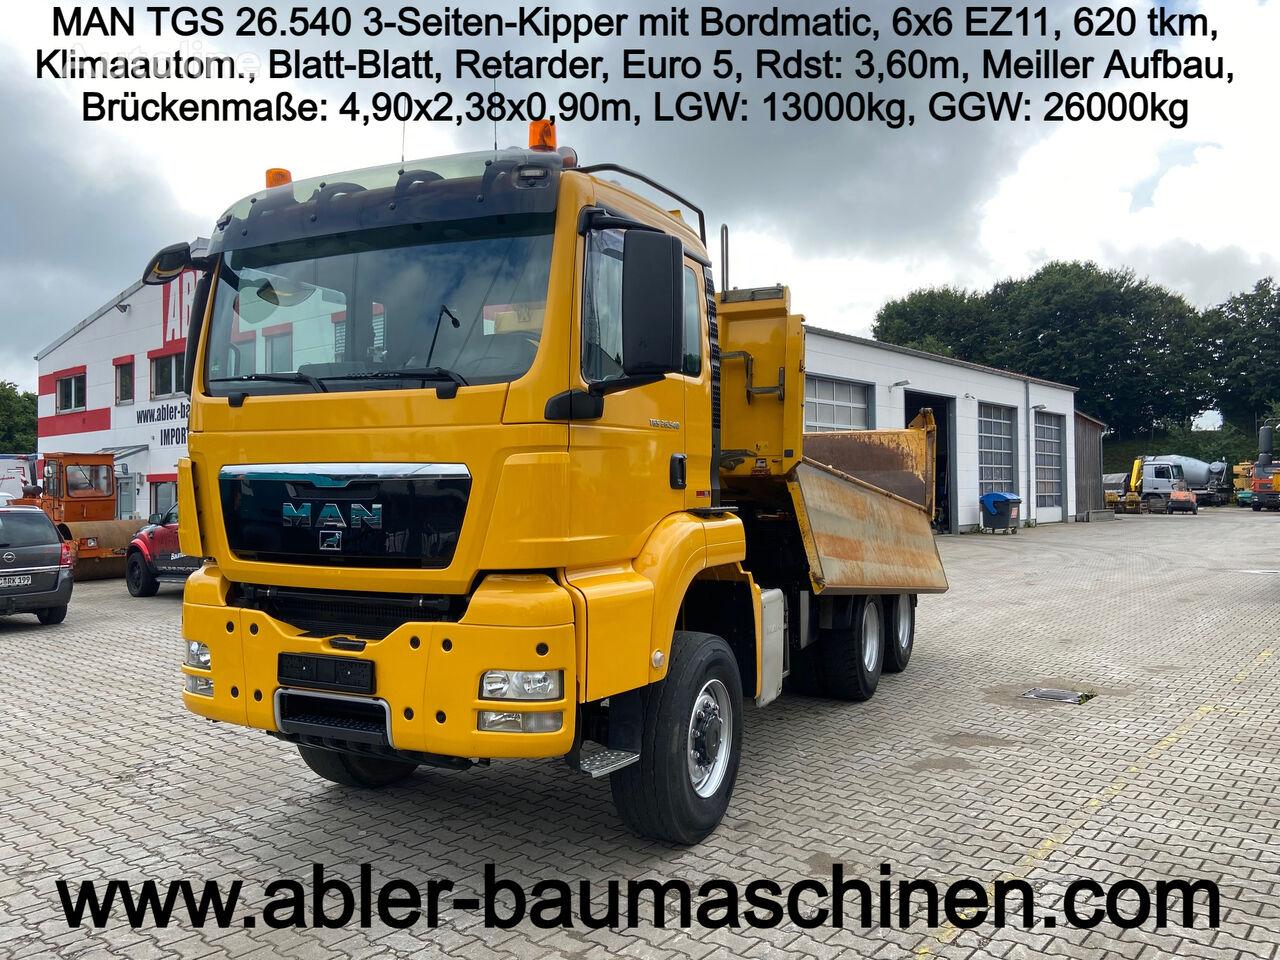 MAN TGS 26.540 6x6 3-Seiten-Kipper mit Bordmatic dump truck